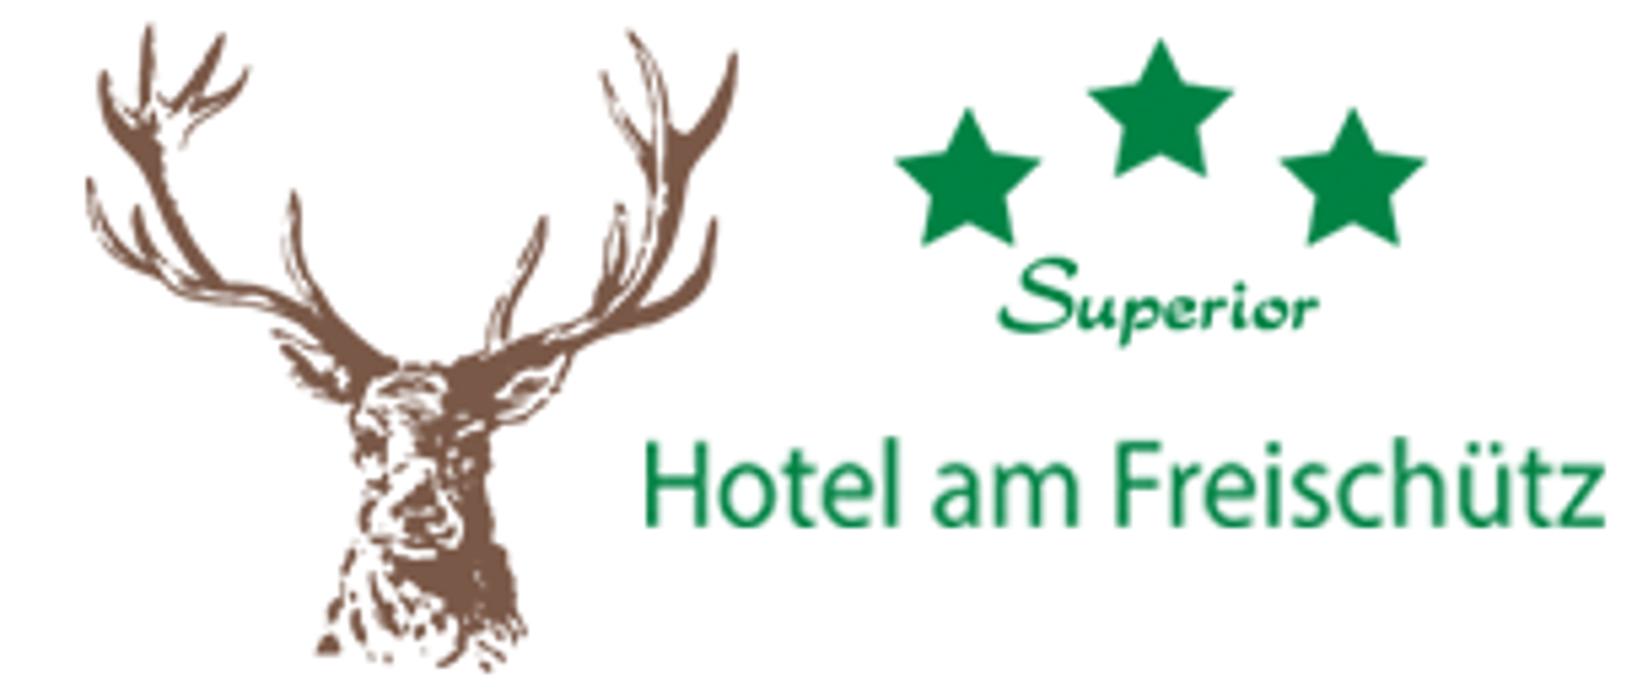 Hotel am Freischütz in Hürth